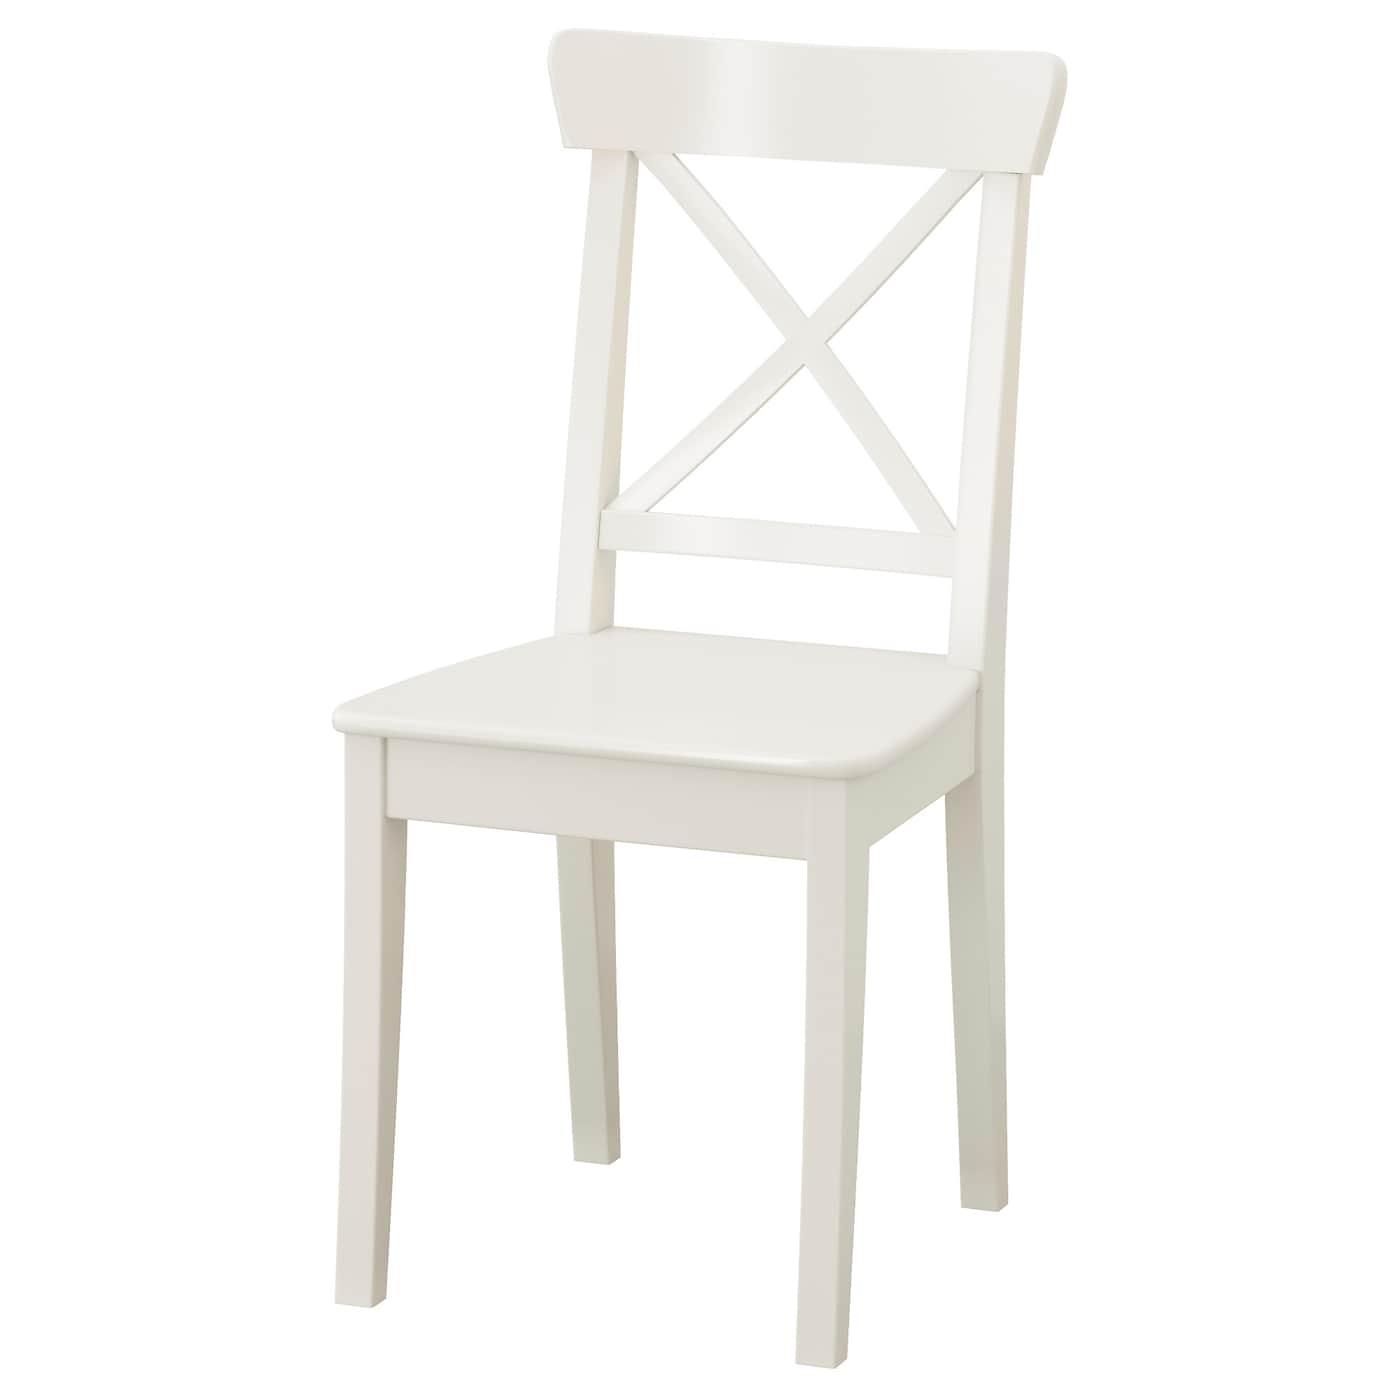 Houten Keukenstoel Wit.Eetkamerstoelen Ikea